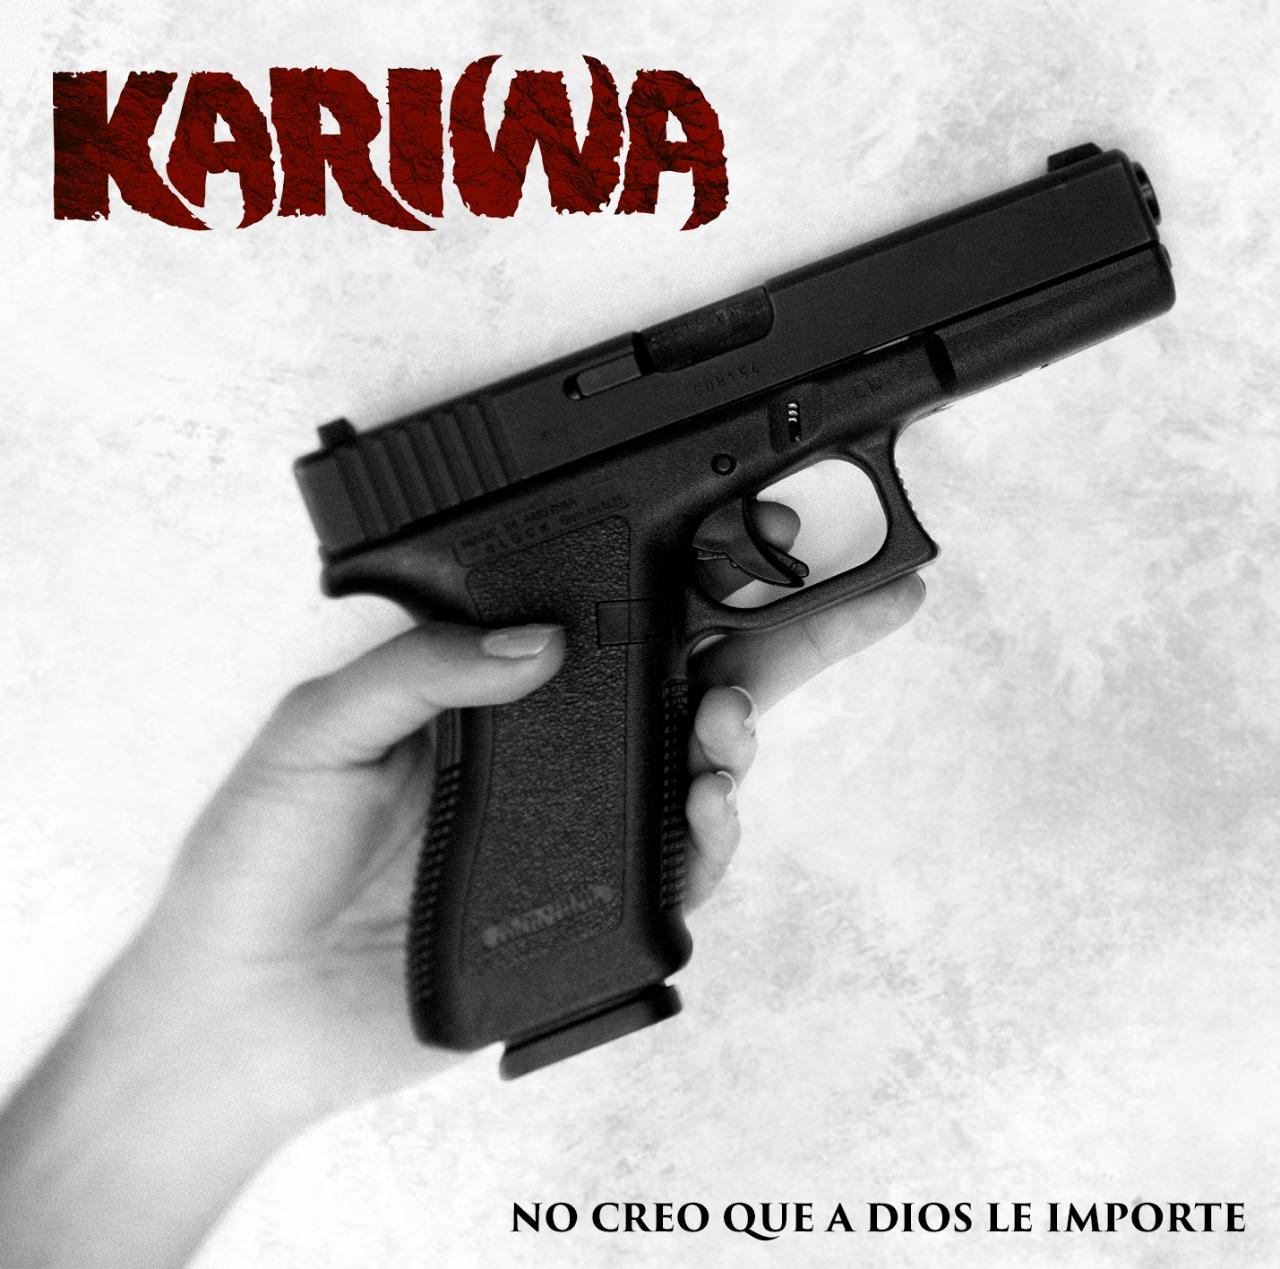 KARIWA anuncia el lanzamiento (No creo que a Dios le importe) - Portada